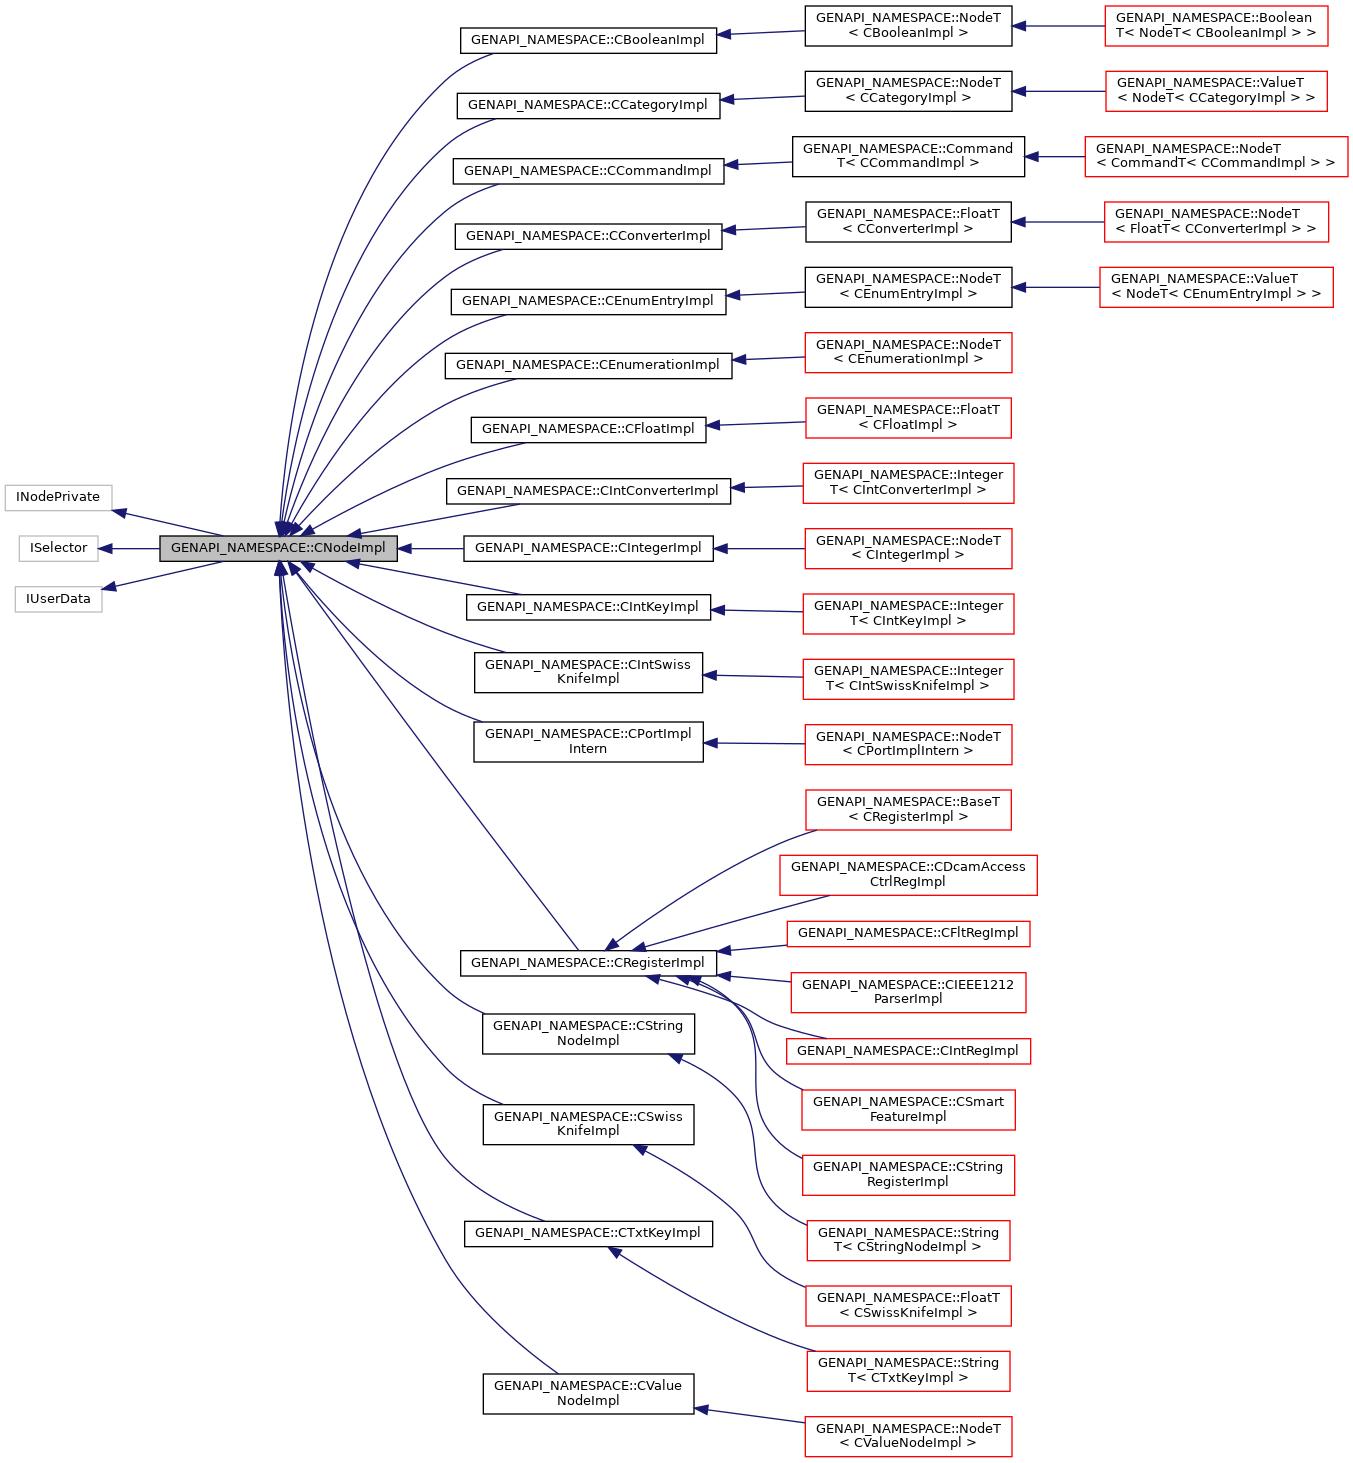 rc_genicam_api: GENAPI_NAMESPACE::CNodeImpl Class Reference